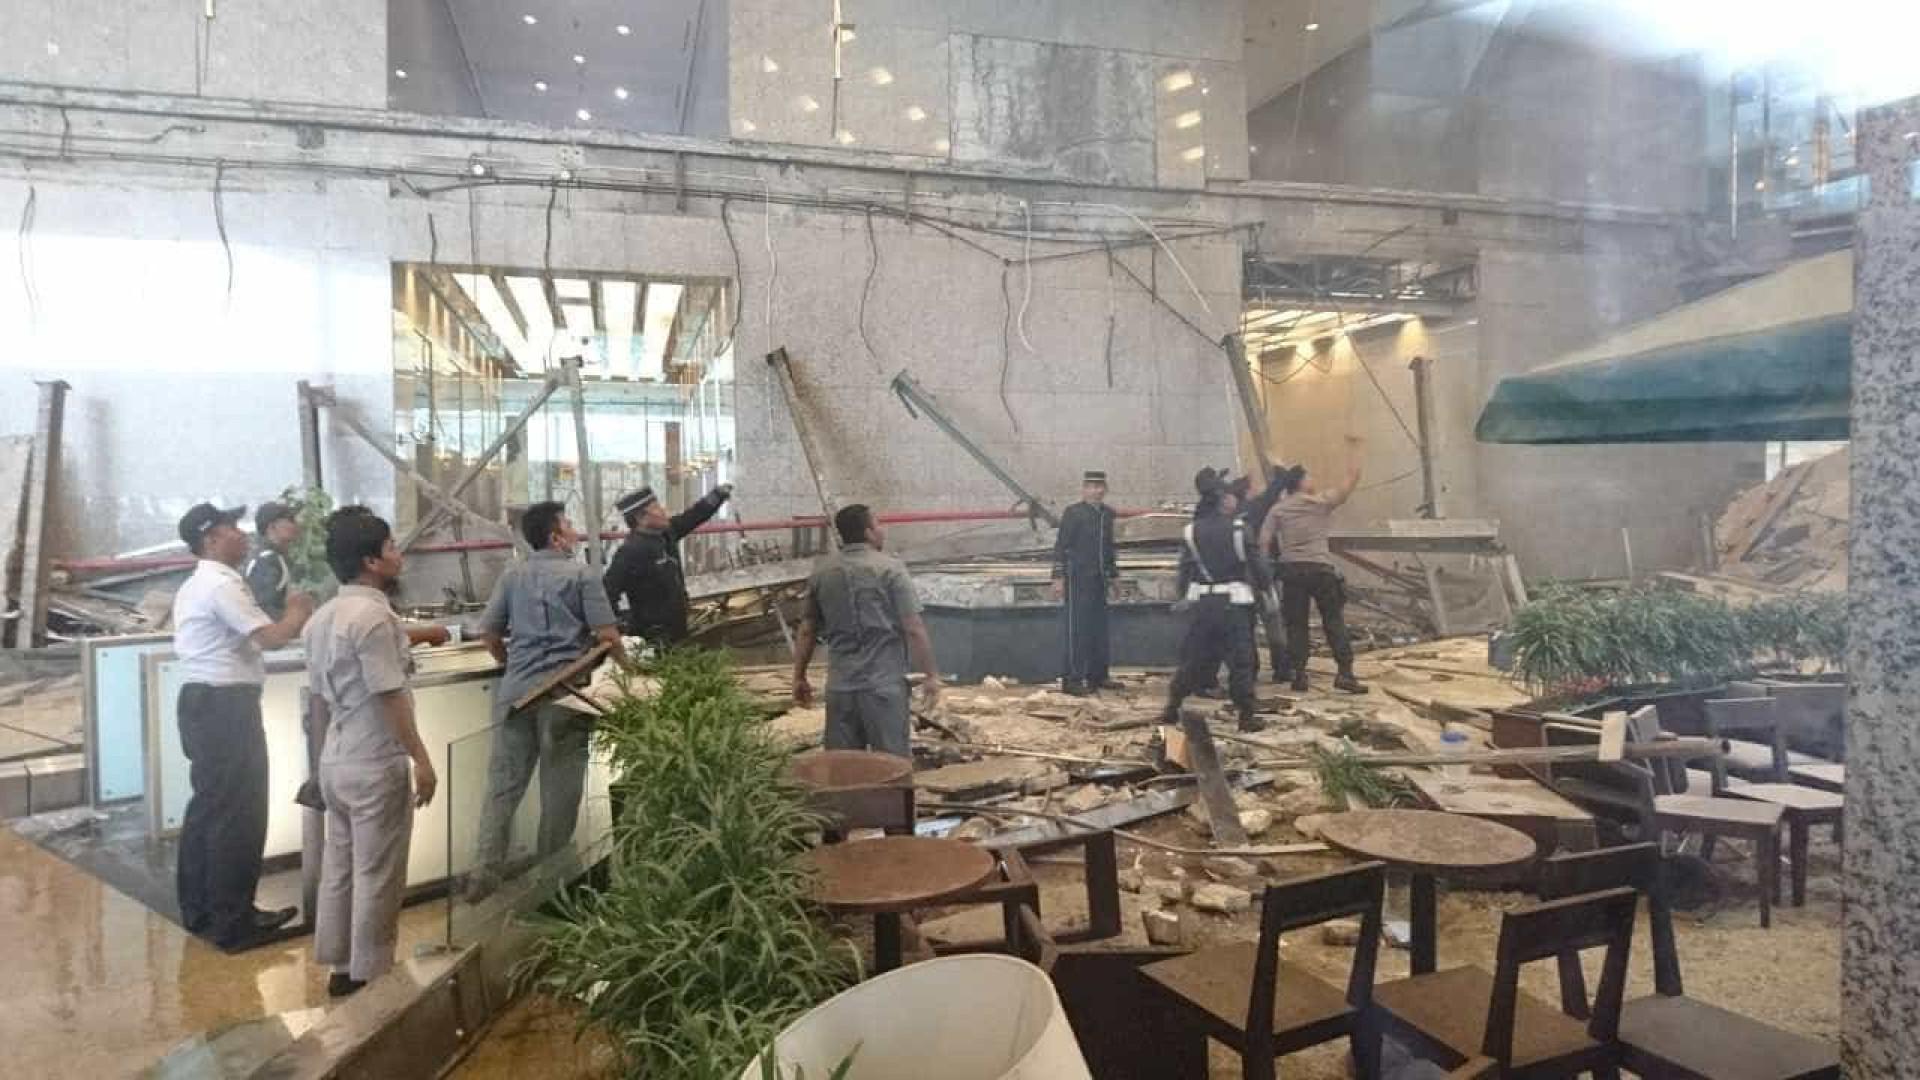 Pelo menos 72 feridos em desmoronamento no interior da bolsa de Jacarta